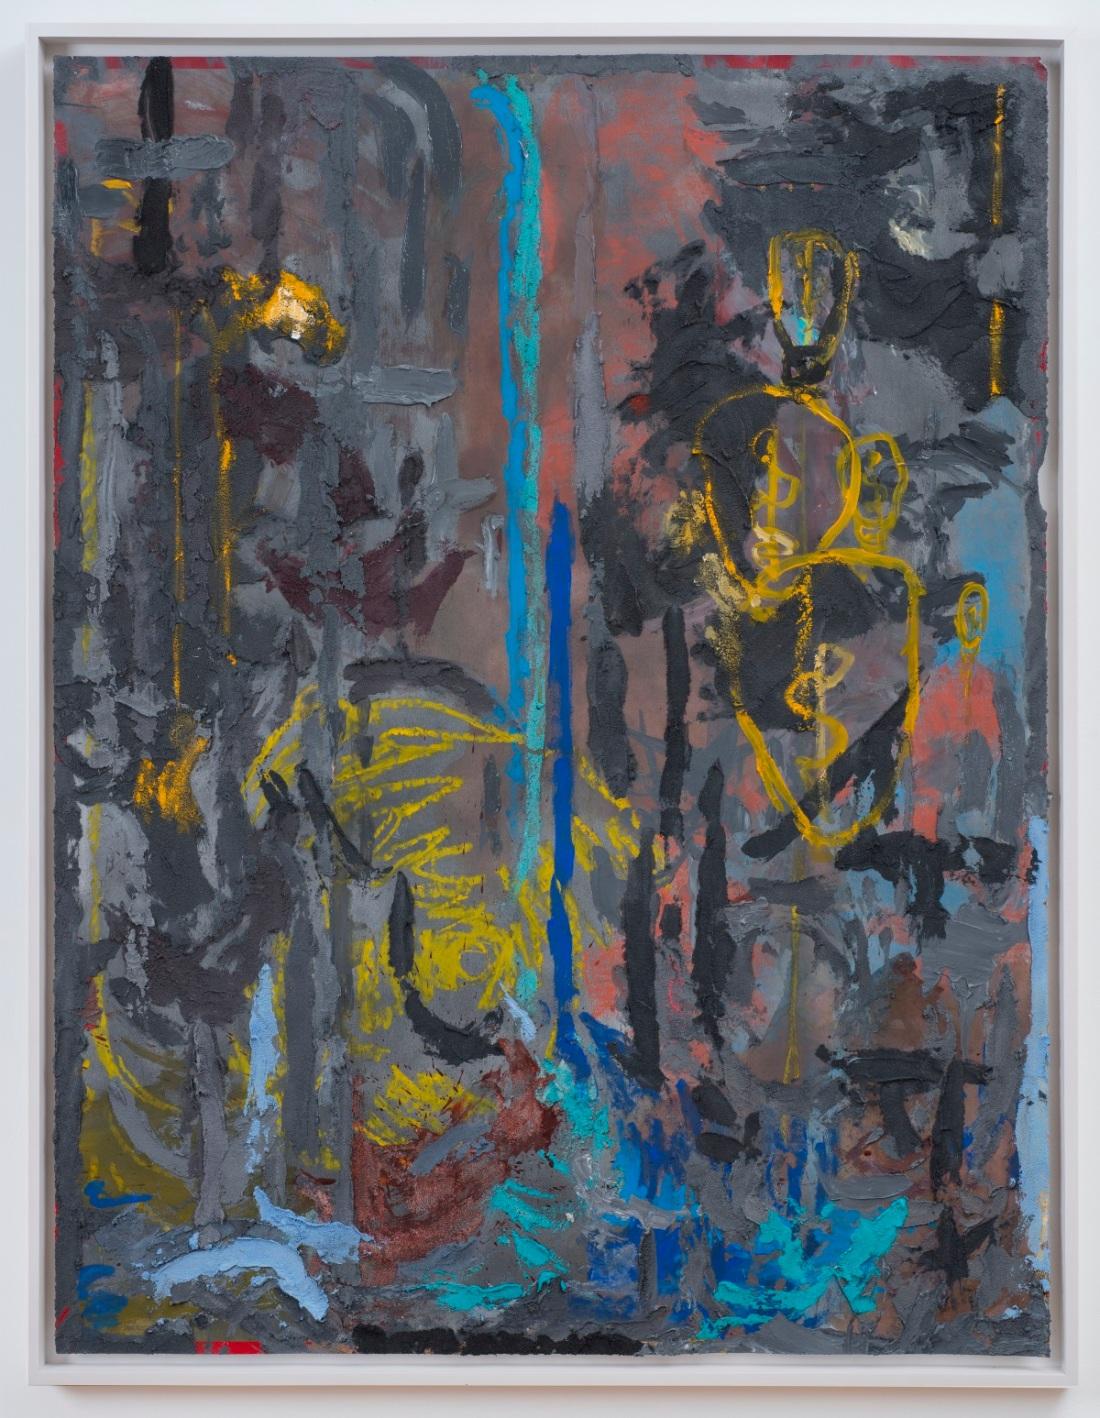 Kianja Strobert, ... all these bright ideas, 2013.